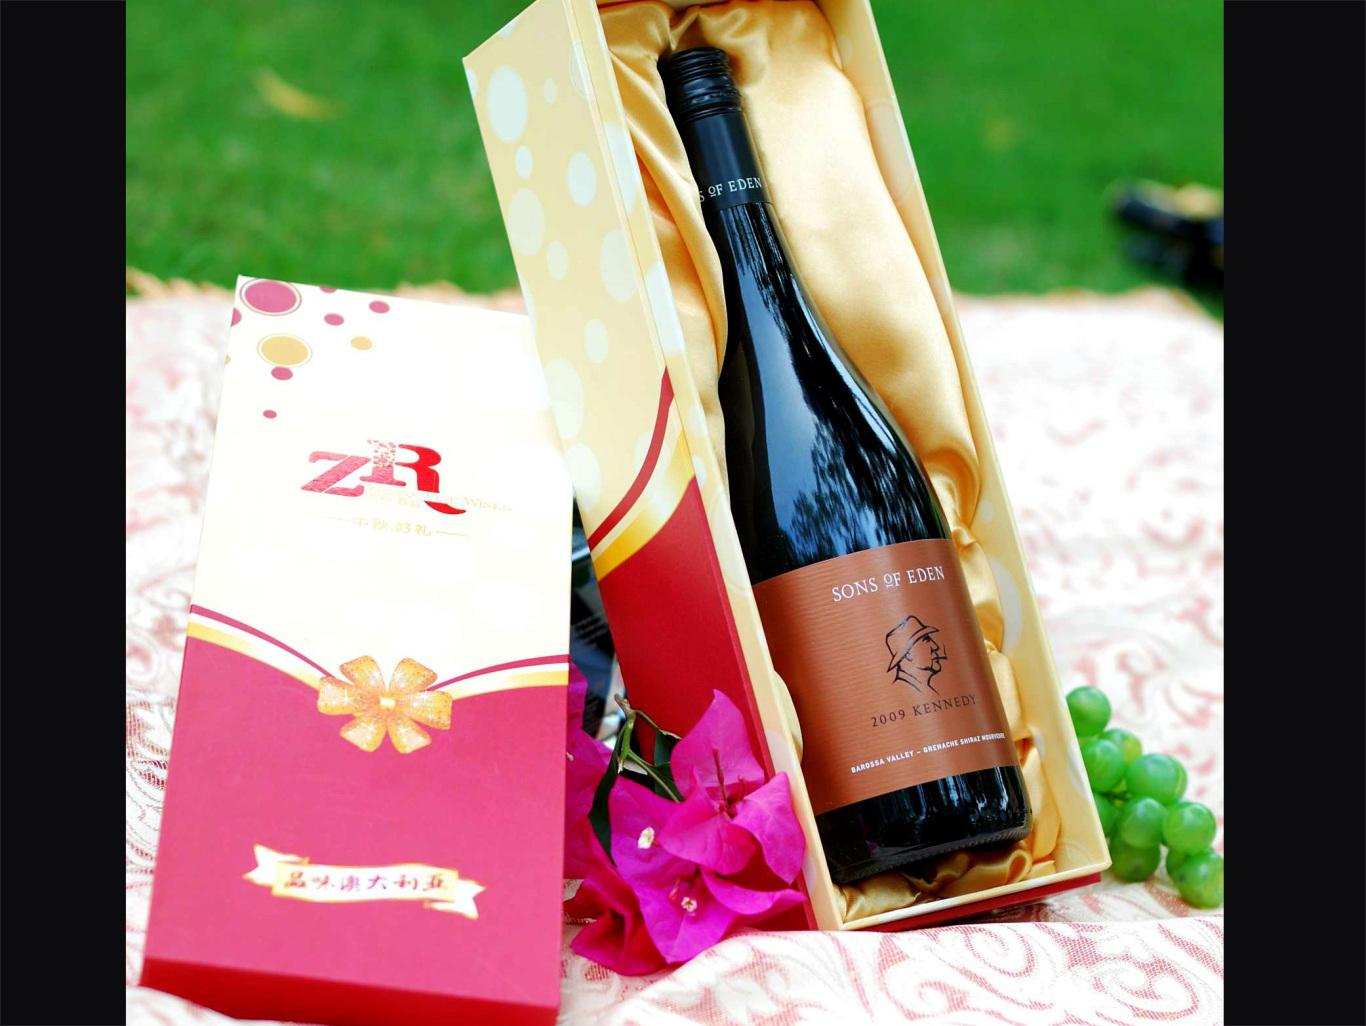 努力号红酒LOGO设计与包装设计图4